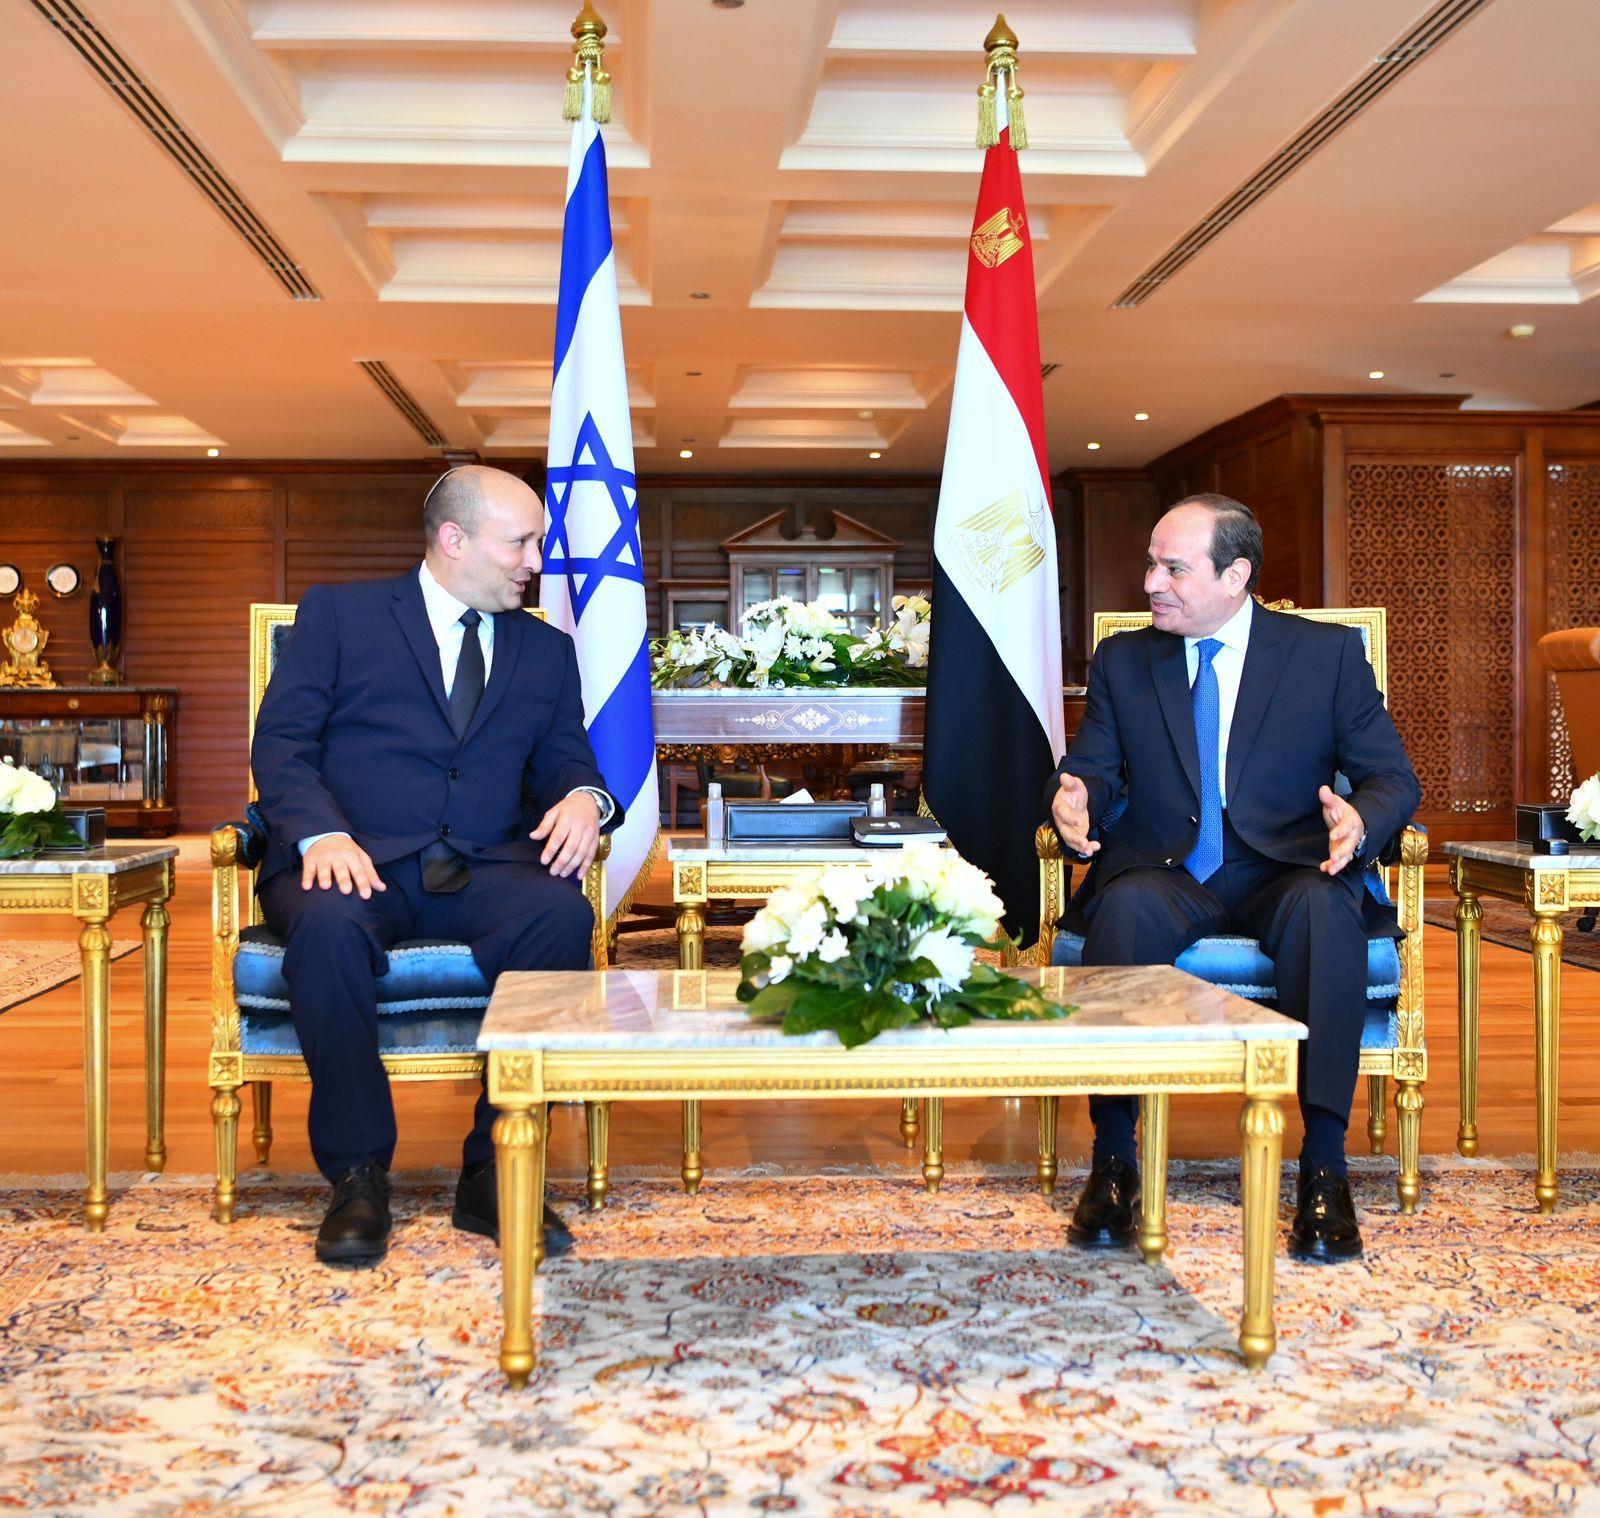 الرئيس السيسي لـ «نفتالى بينيت»: ندعم جهود تحقيق السلام استنادًا إلى حل الدولتين